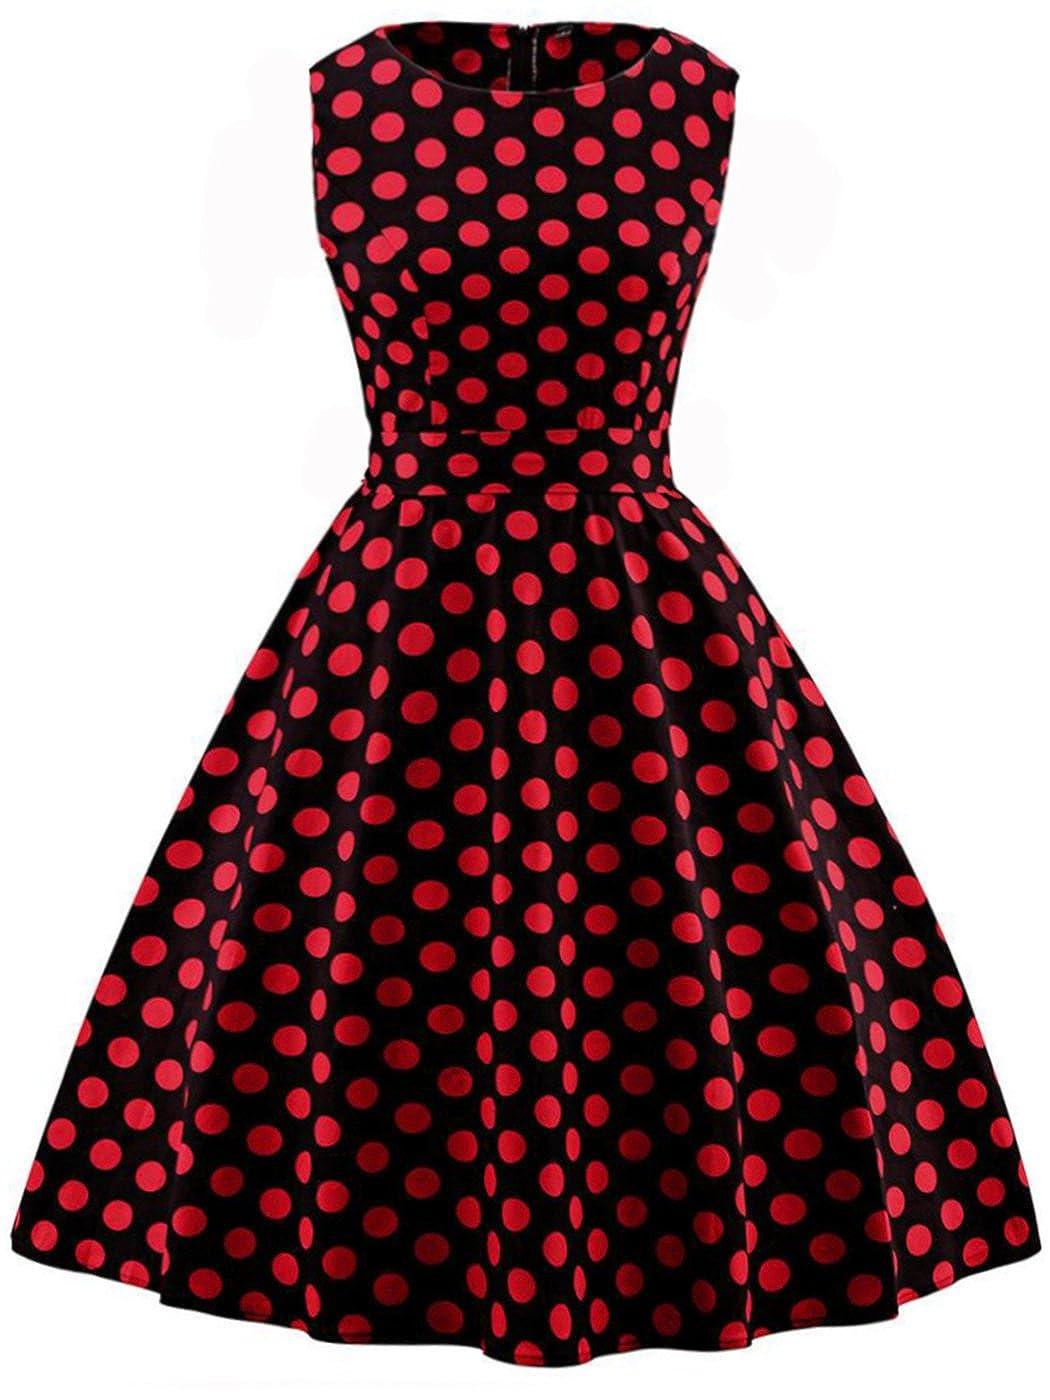 TALLA L. FAIRY COUPLE 50s Vestido de Partido Floral Retro del Oscilación del Cóctel del Vintage con el Arco DRT017 Black Red Dots